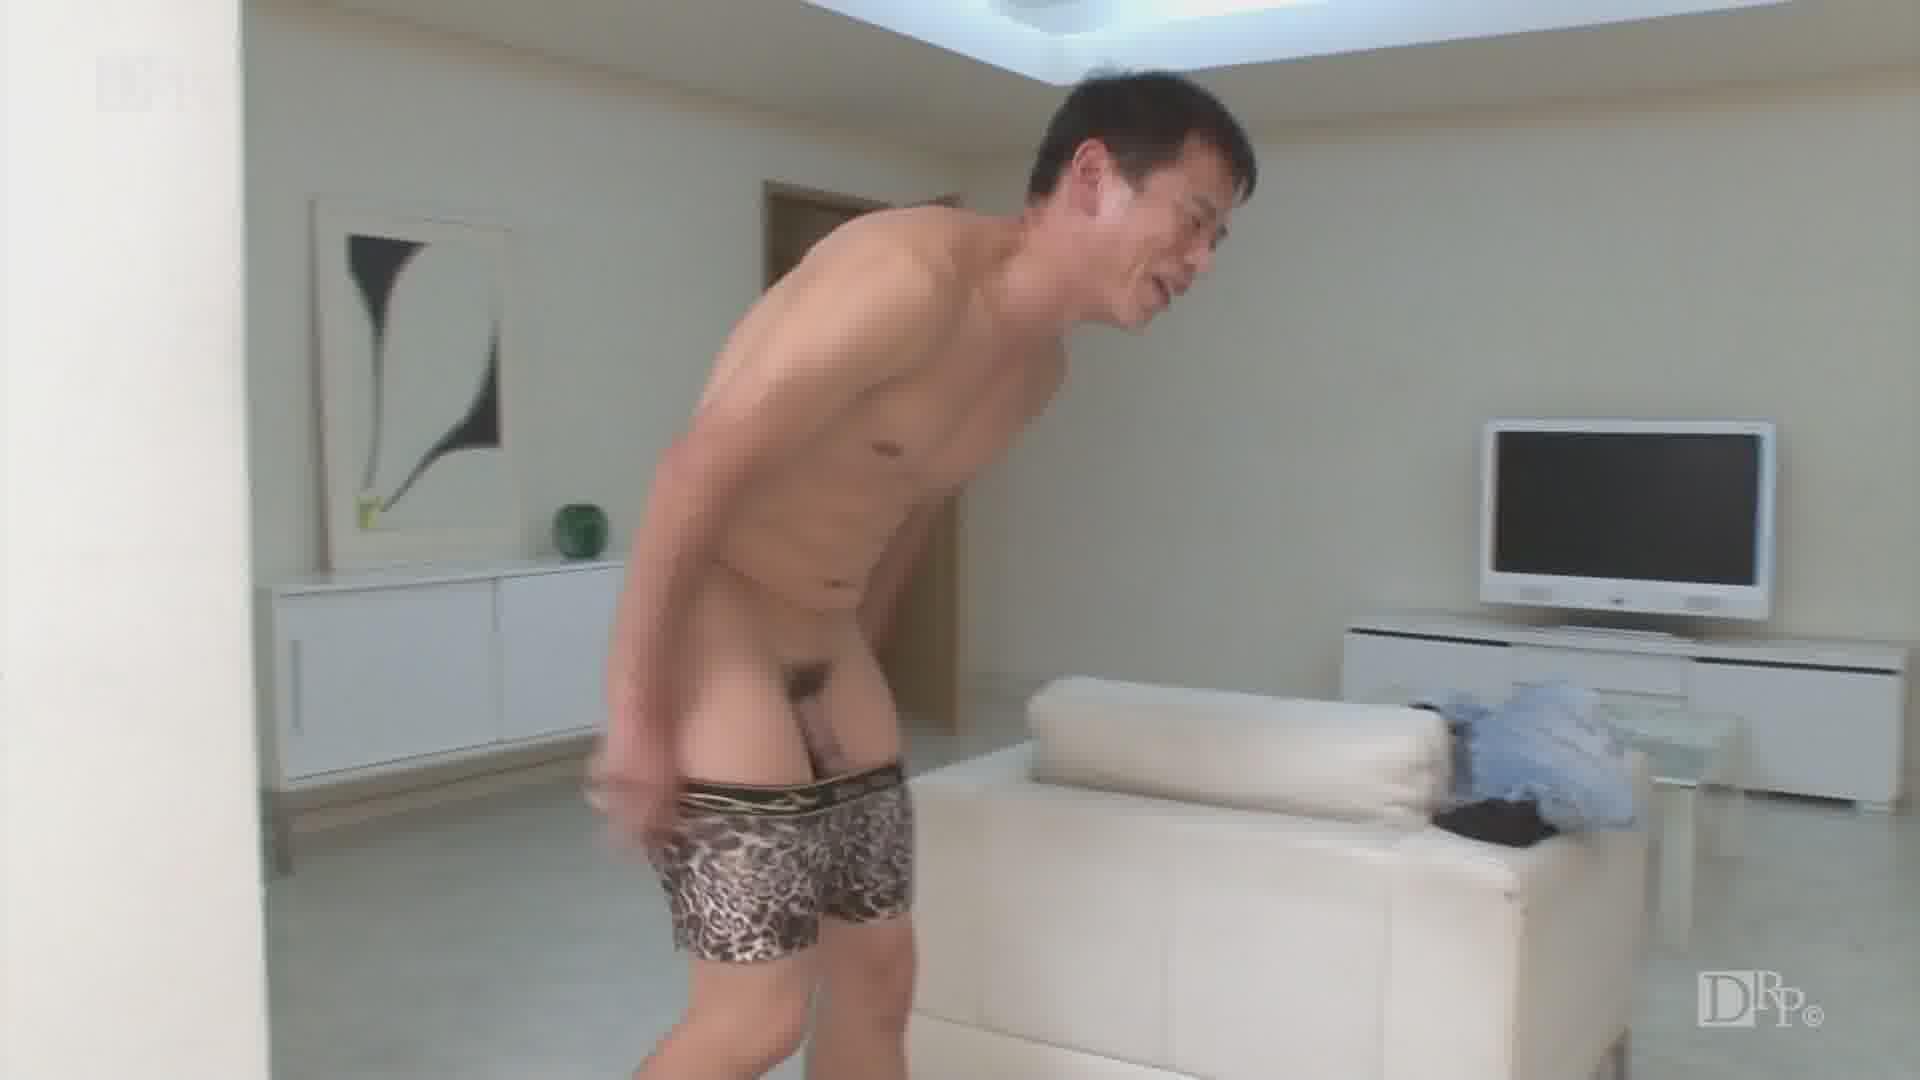 ドッキリおかわり3連発射 - 櫻木梨乃【巨乳・バイブ・中出し】